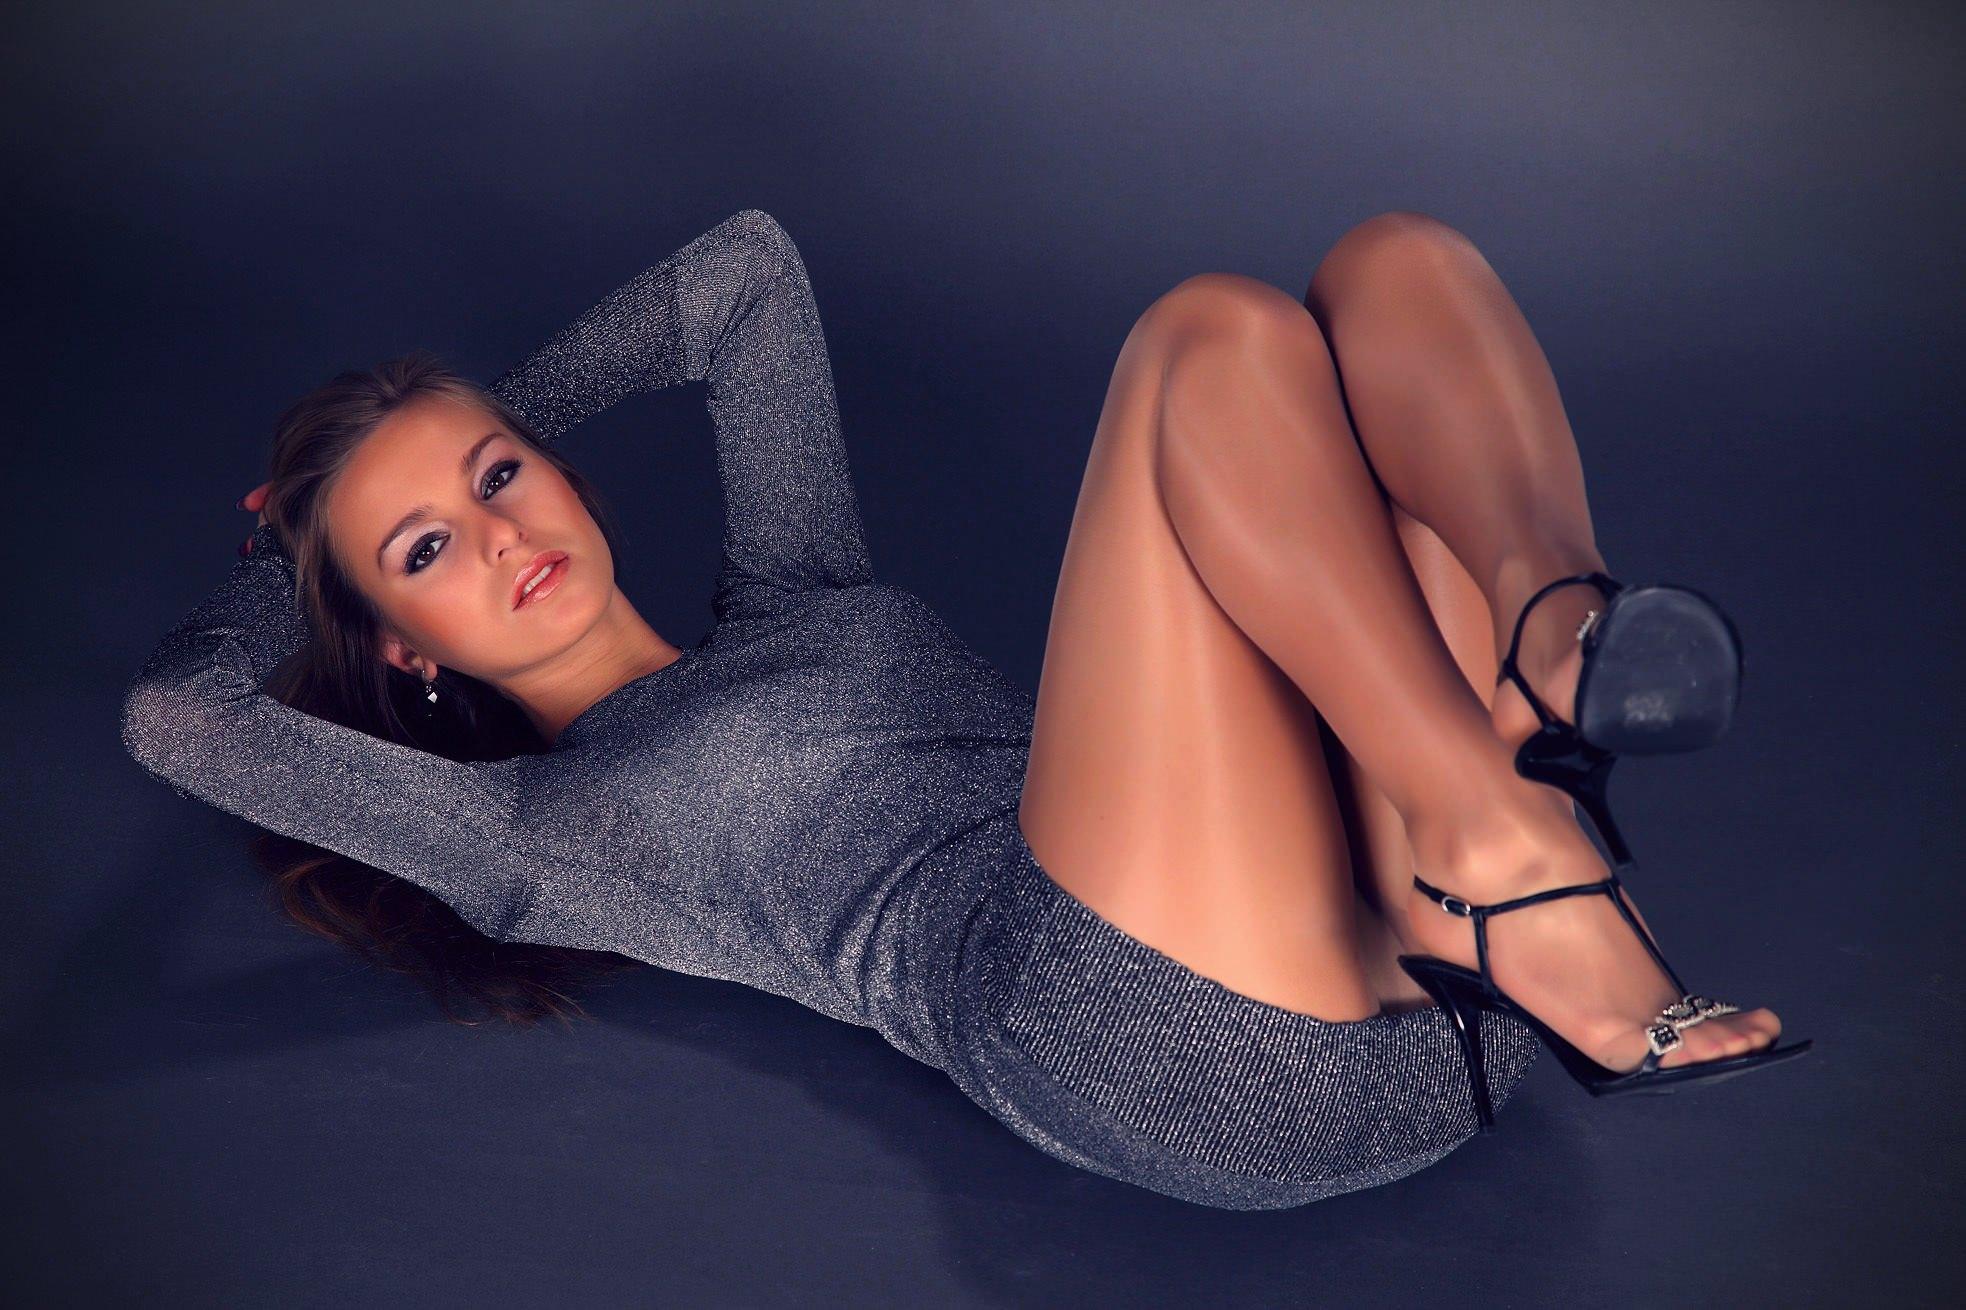 Фото секс девушки в колготках и платьях 14 фотография